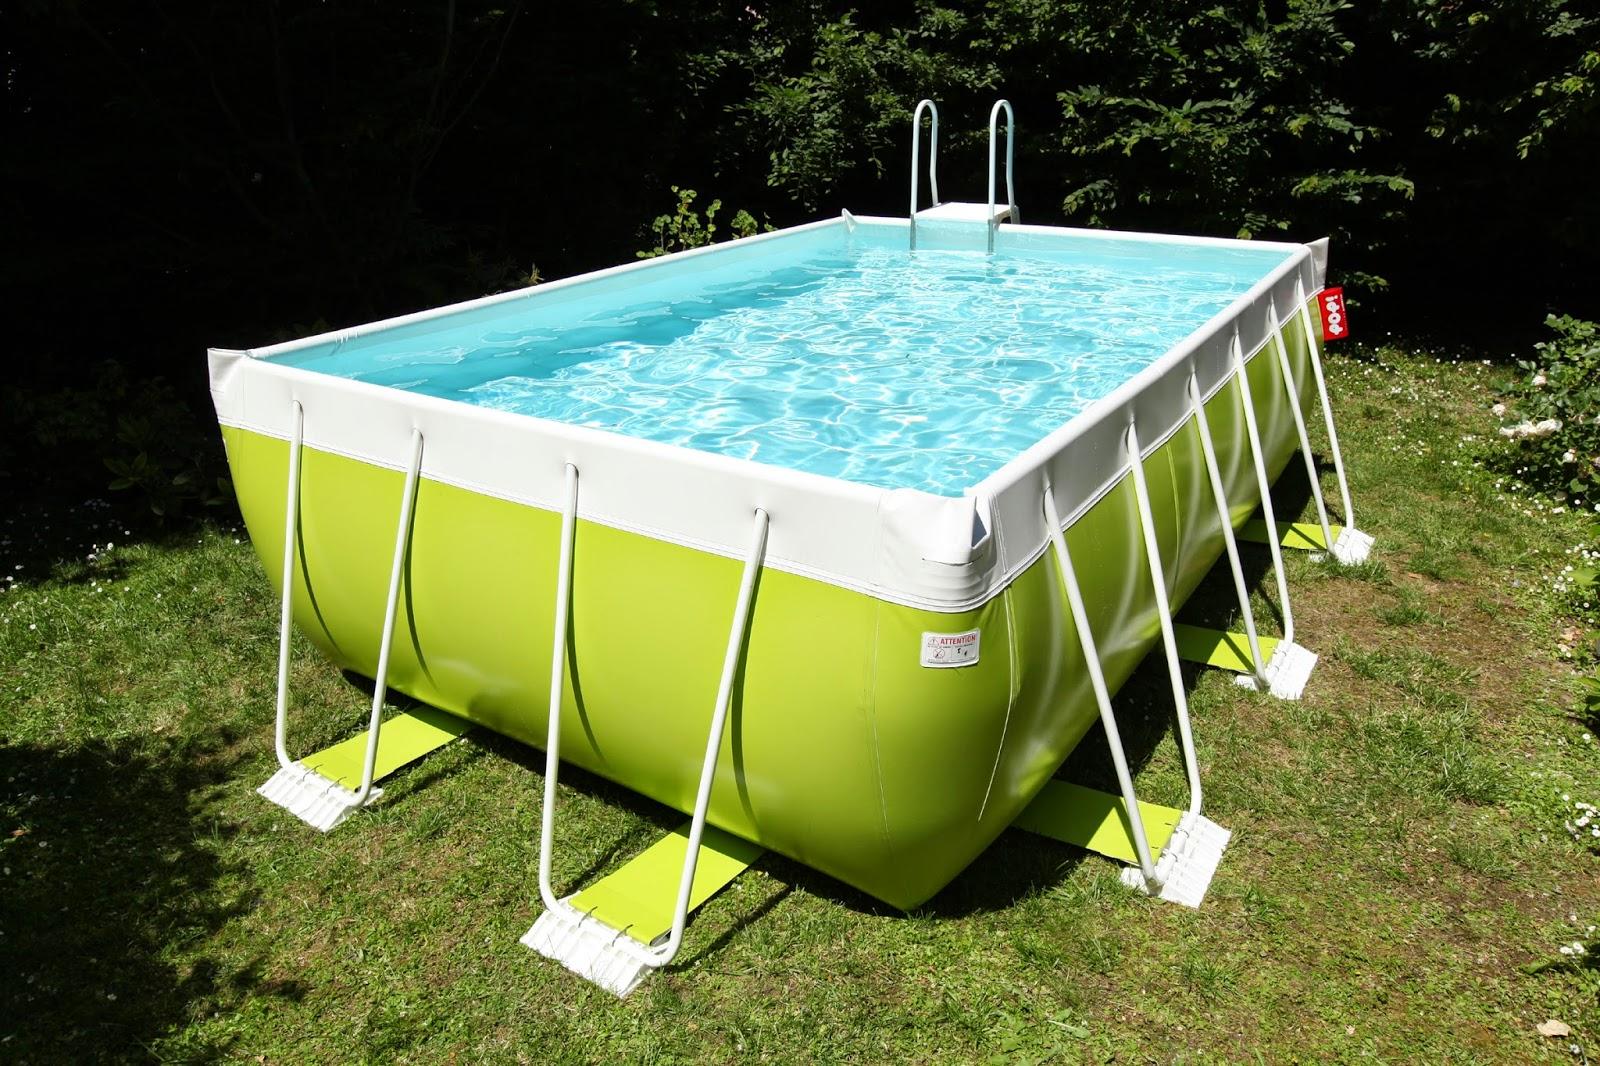 Piscine laghetto raddoppia le promozioni piscine - Piscina sopra terra ...